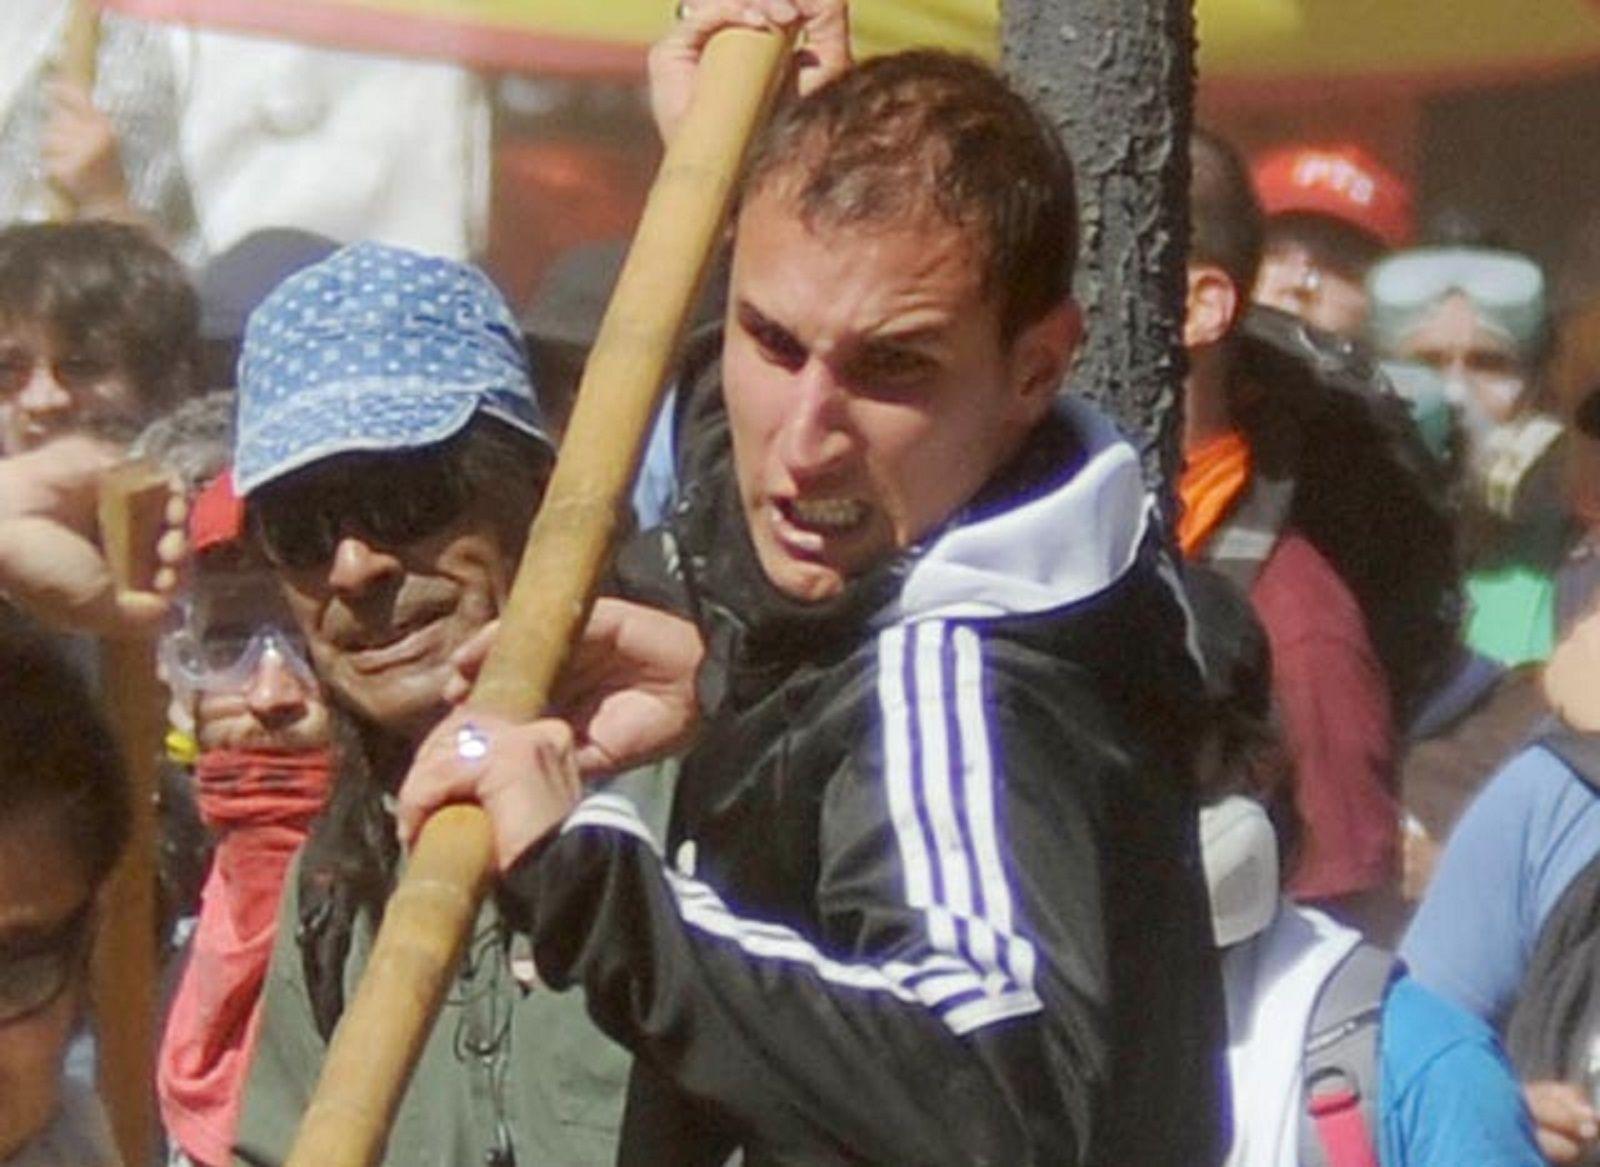 Se entregó el militante del Partido Obrero acusado de agredir a un policía durante los incidentes en el Congreso